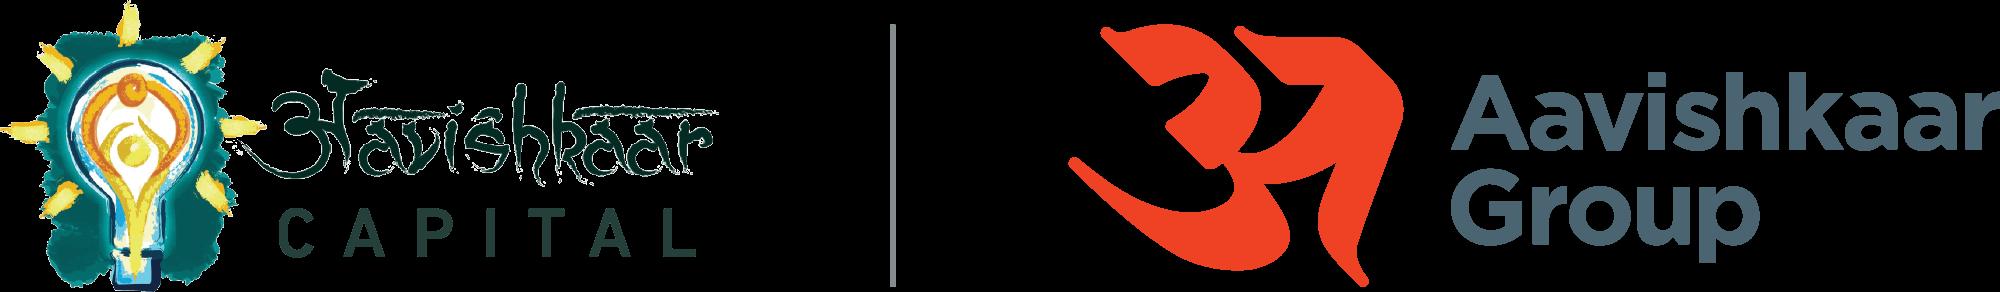 Aavishkaar - Logo